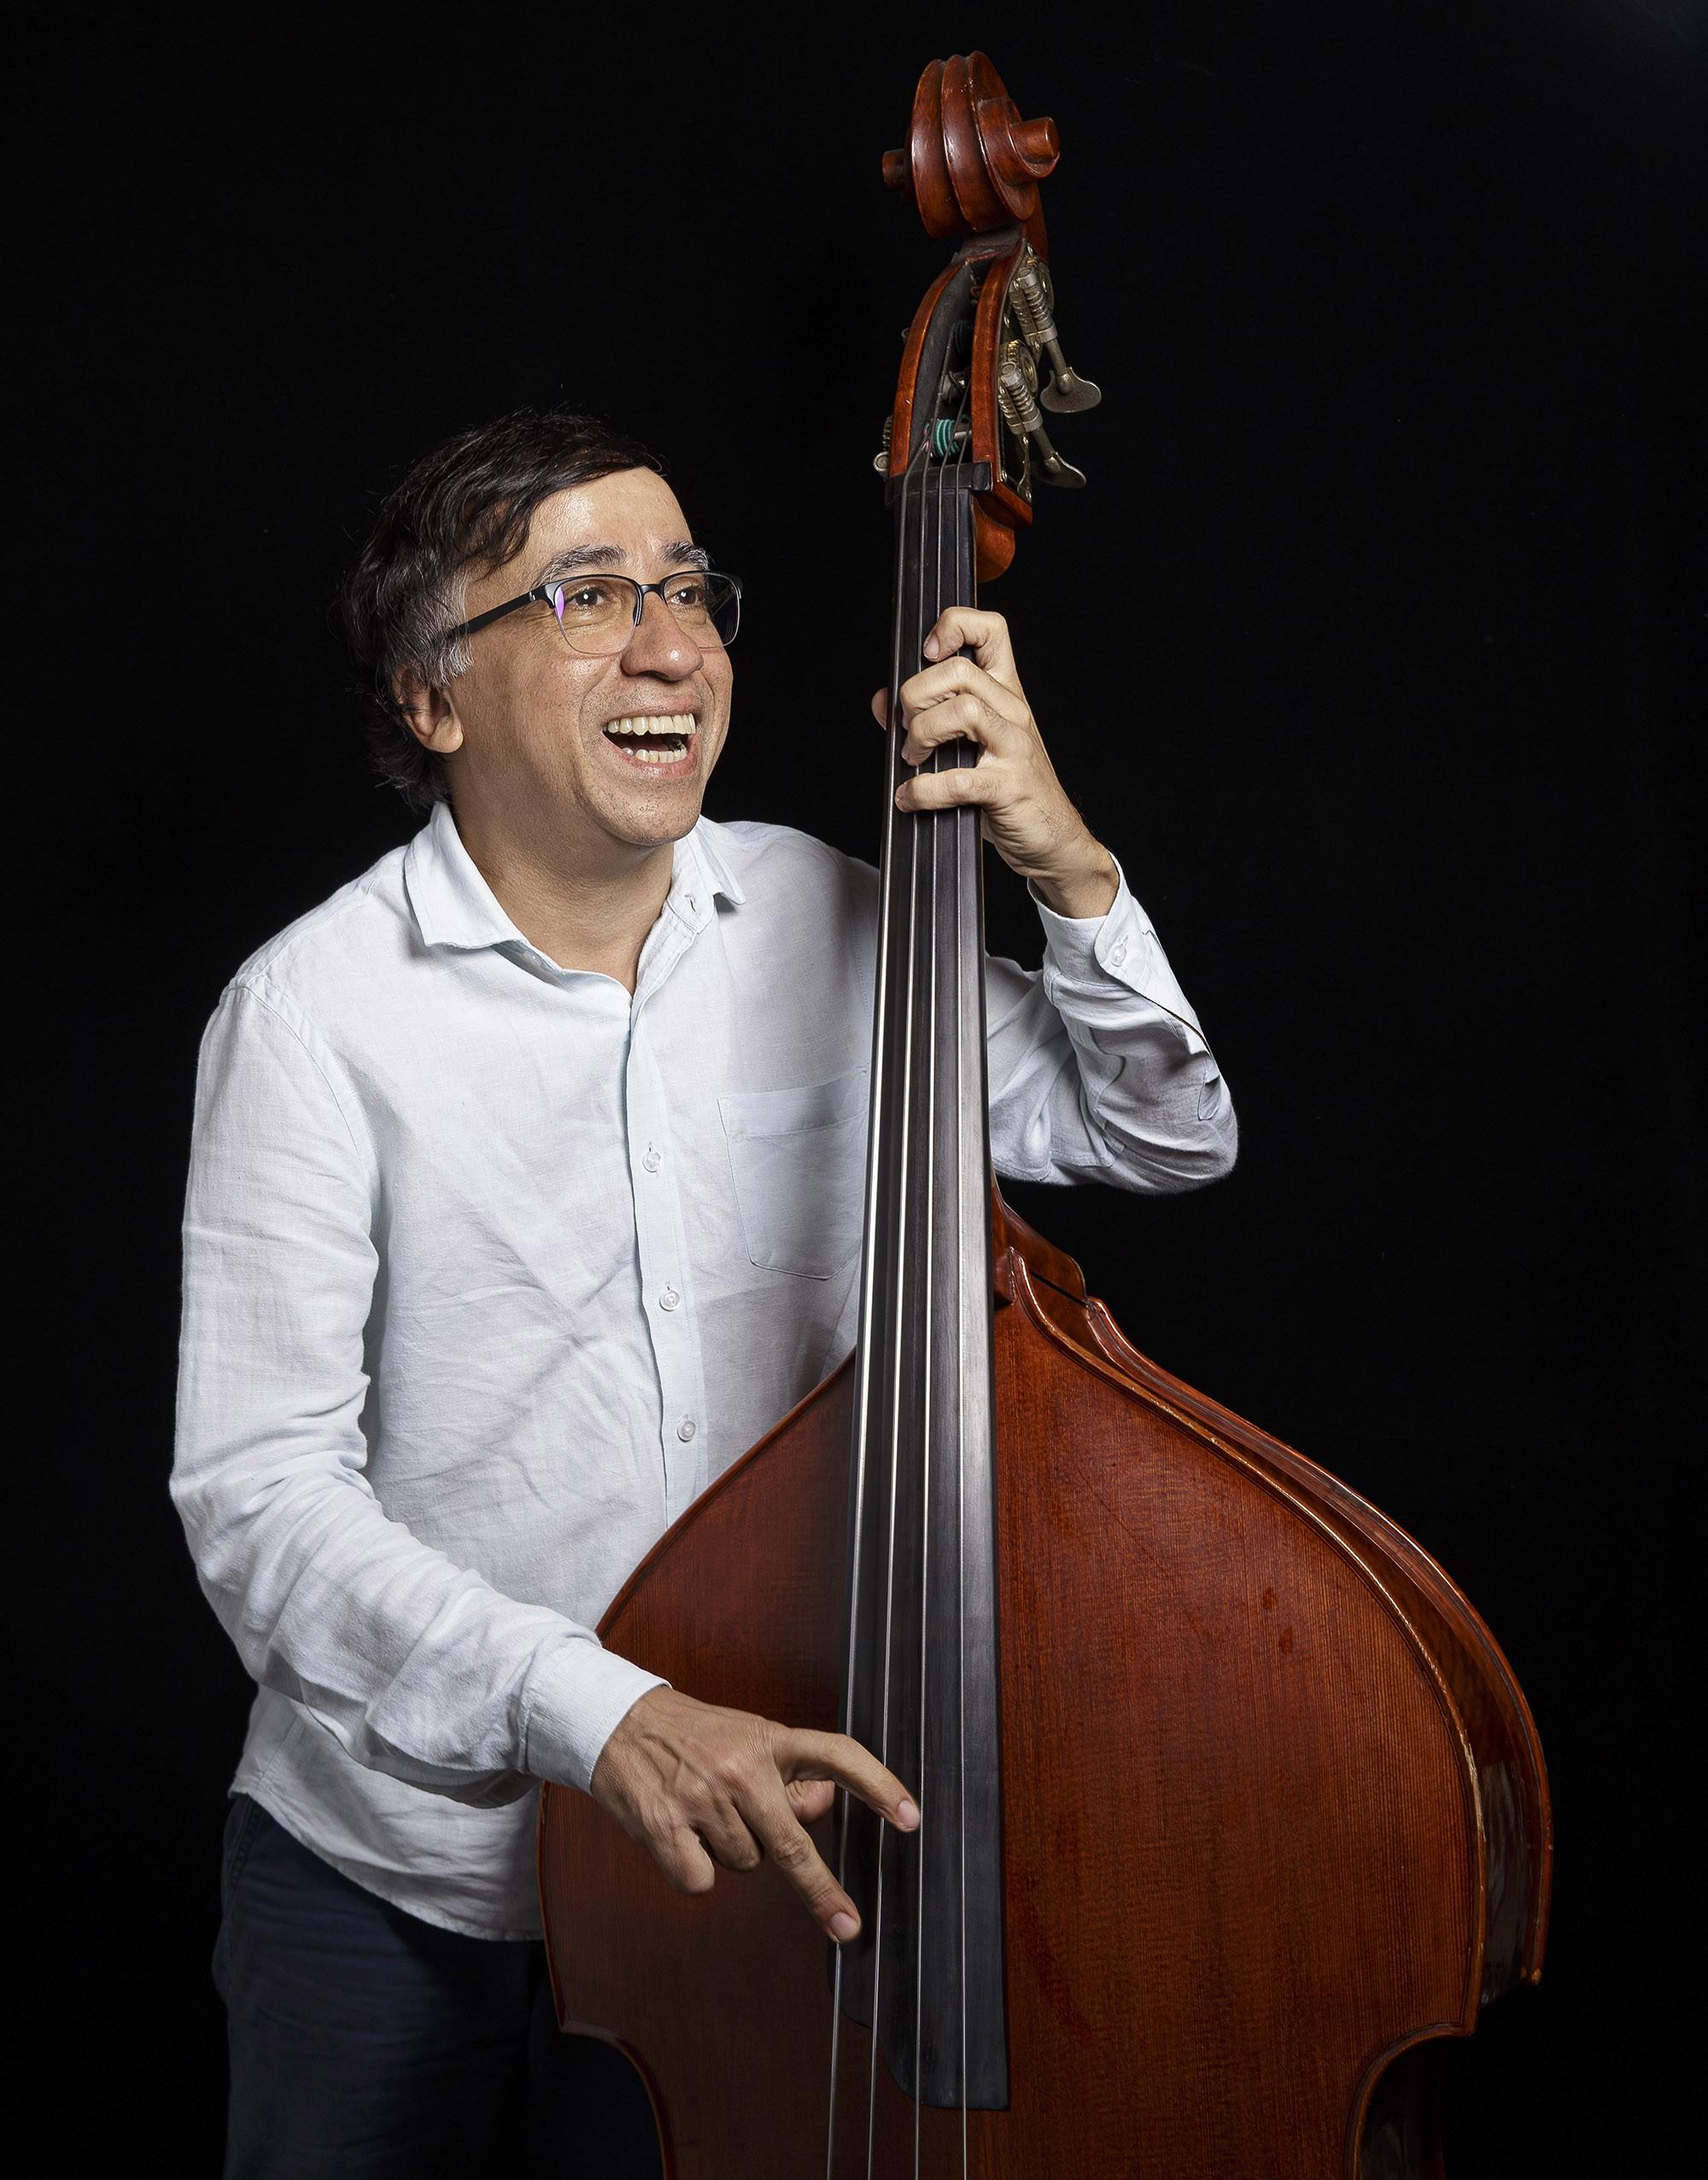 Baixista da MPB, Jorge Helder cai no samba-jazz no primeiro álbum em 40 anos de carreira